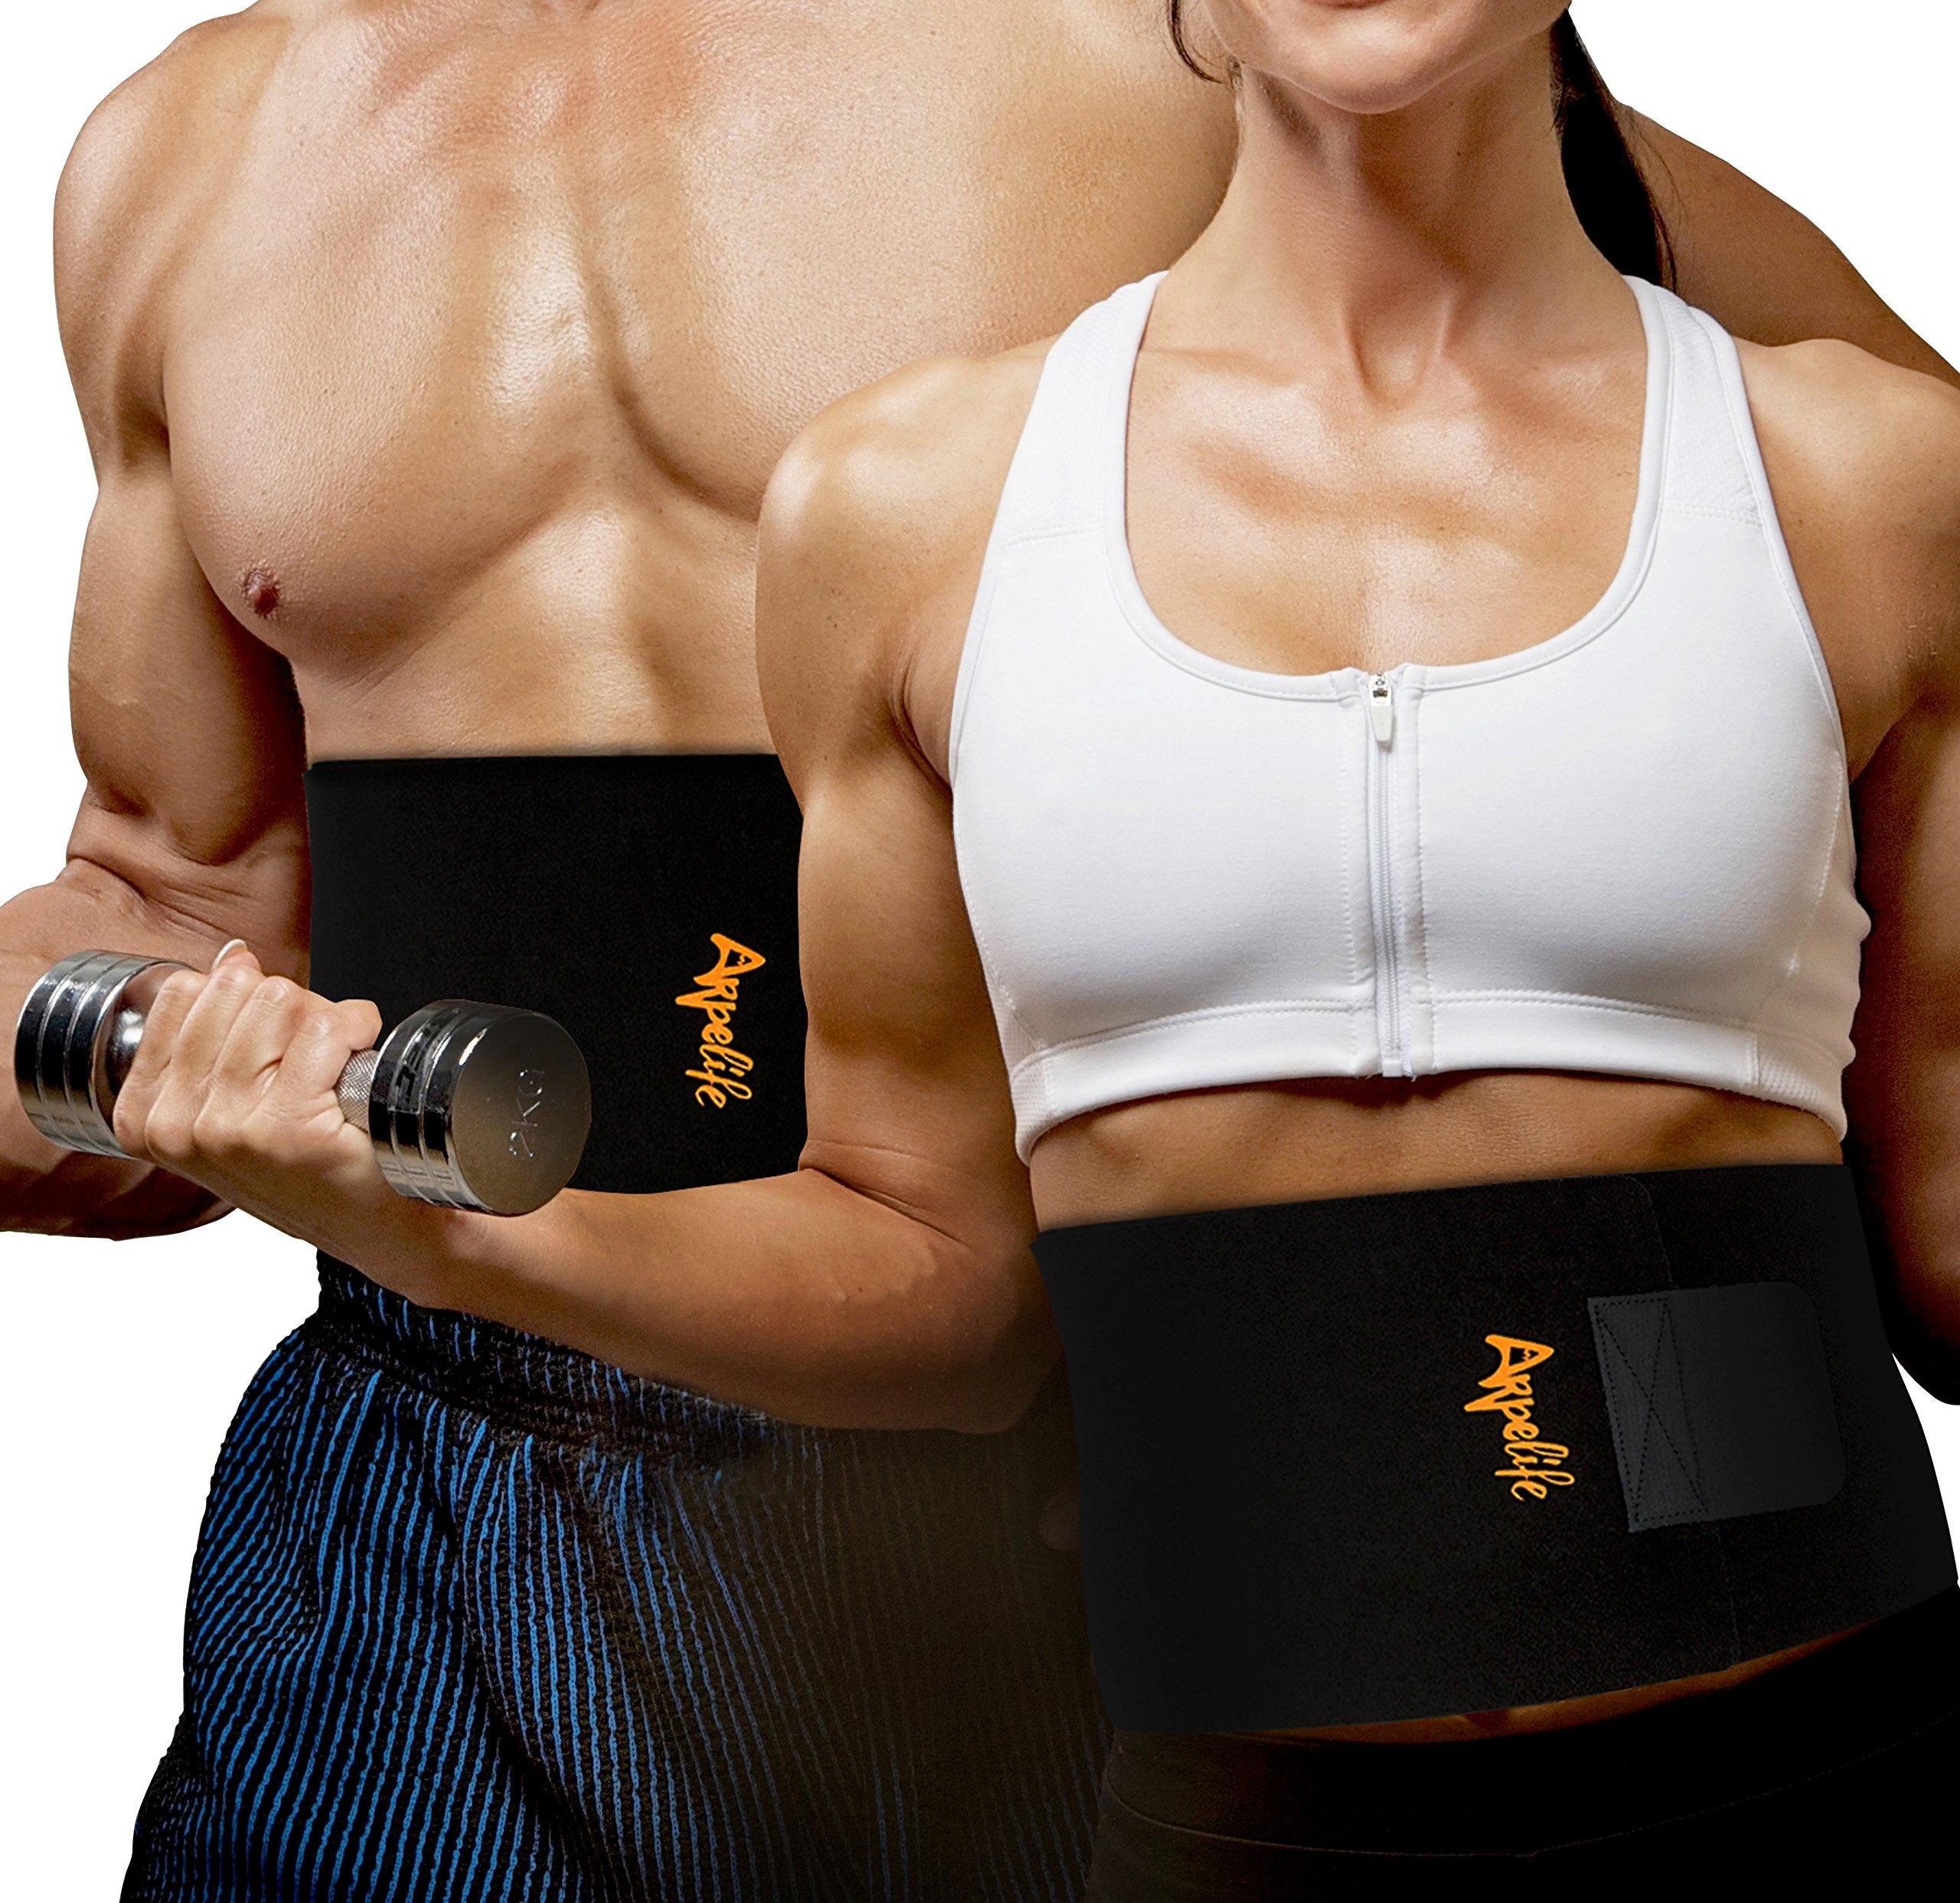 Mejor valorados en Fajas reductoras de fitness & Opiniones